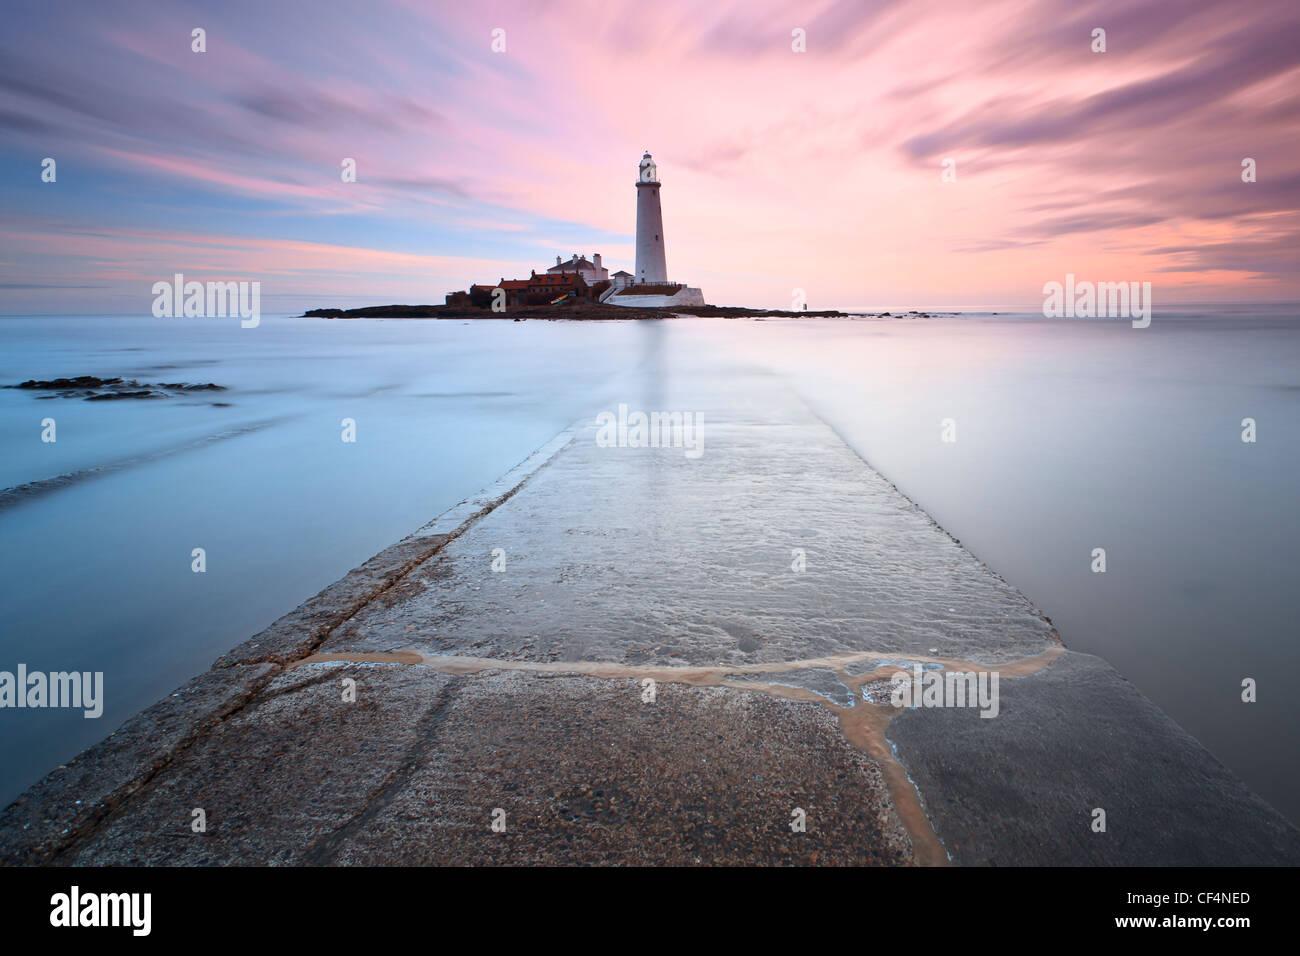 Vista lungo la parte sommersa causeway concrete che portano a St Mary's Lighthouse vicino a Whitley Bay a sunrise. Immagini Stock